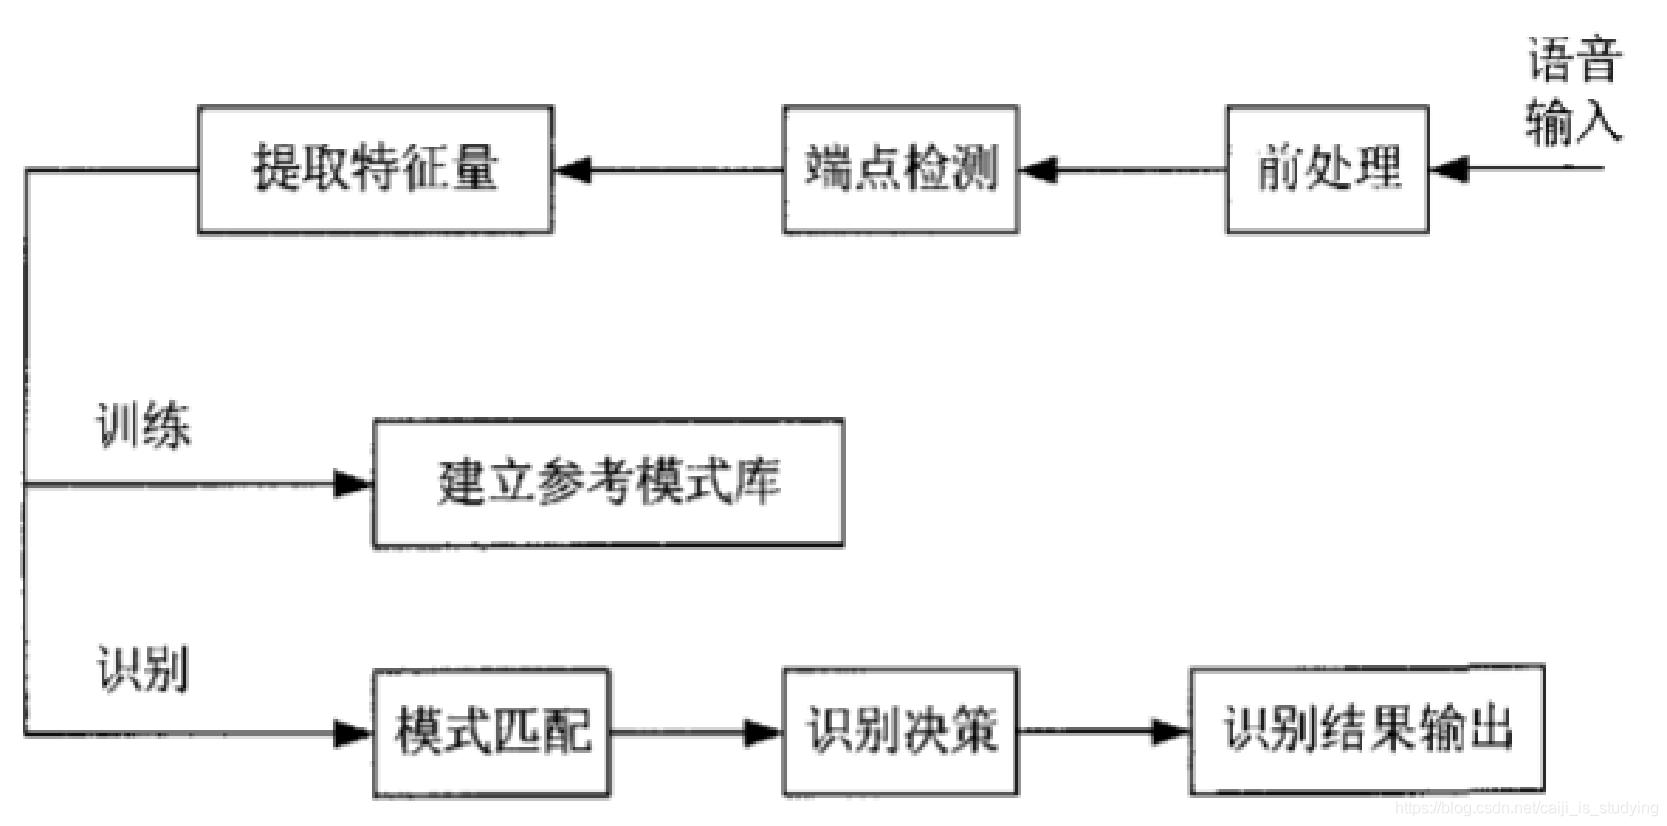 基于DTW算法的语音识别技术